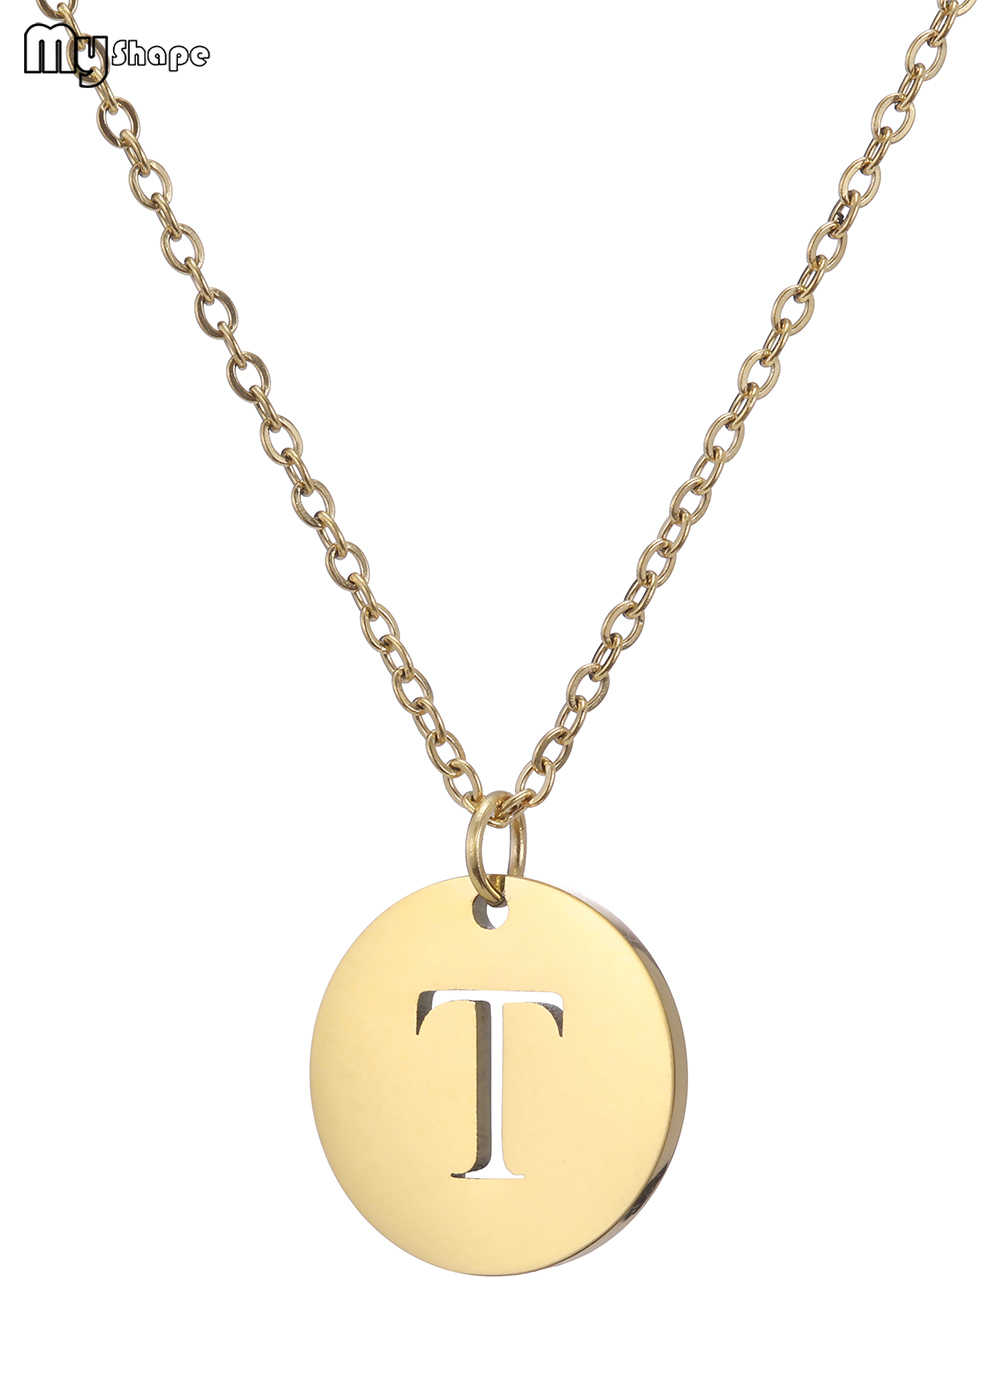 Minha forma nobre ouro e prata cor proteção colar de aço inoxidável carta n a z pingente carta colar